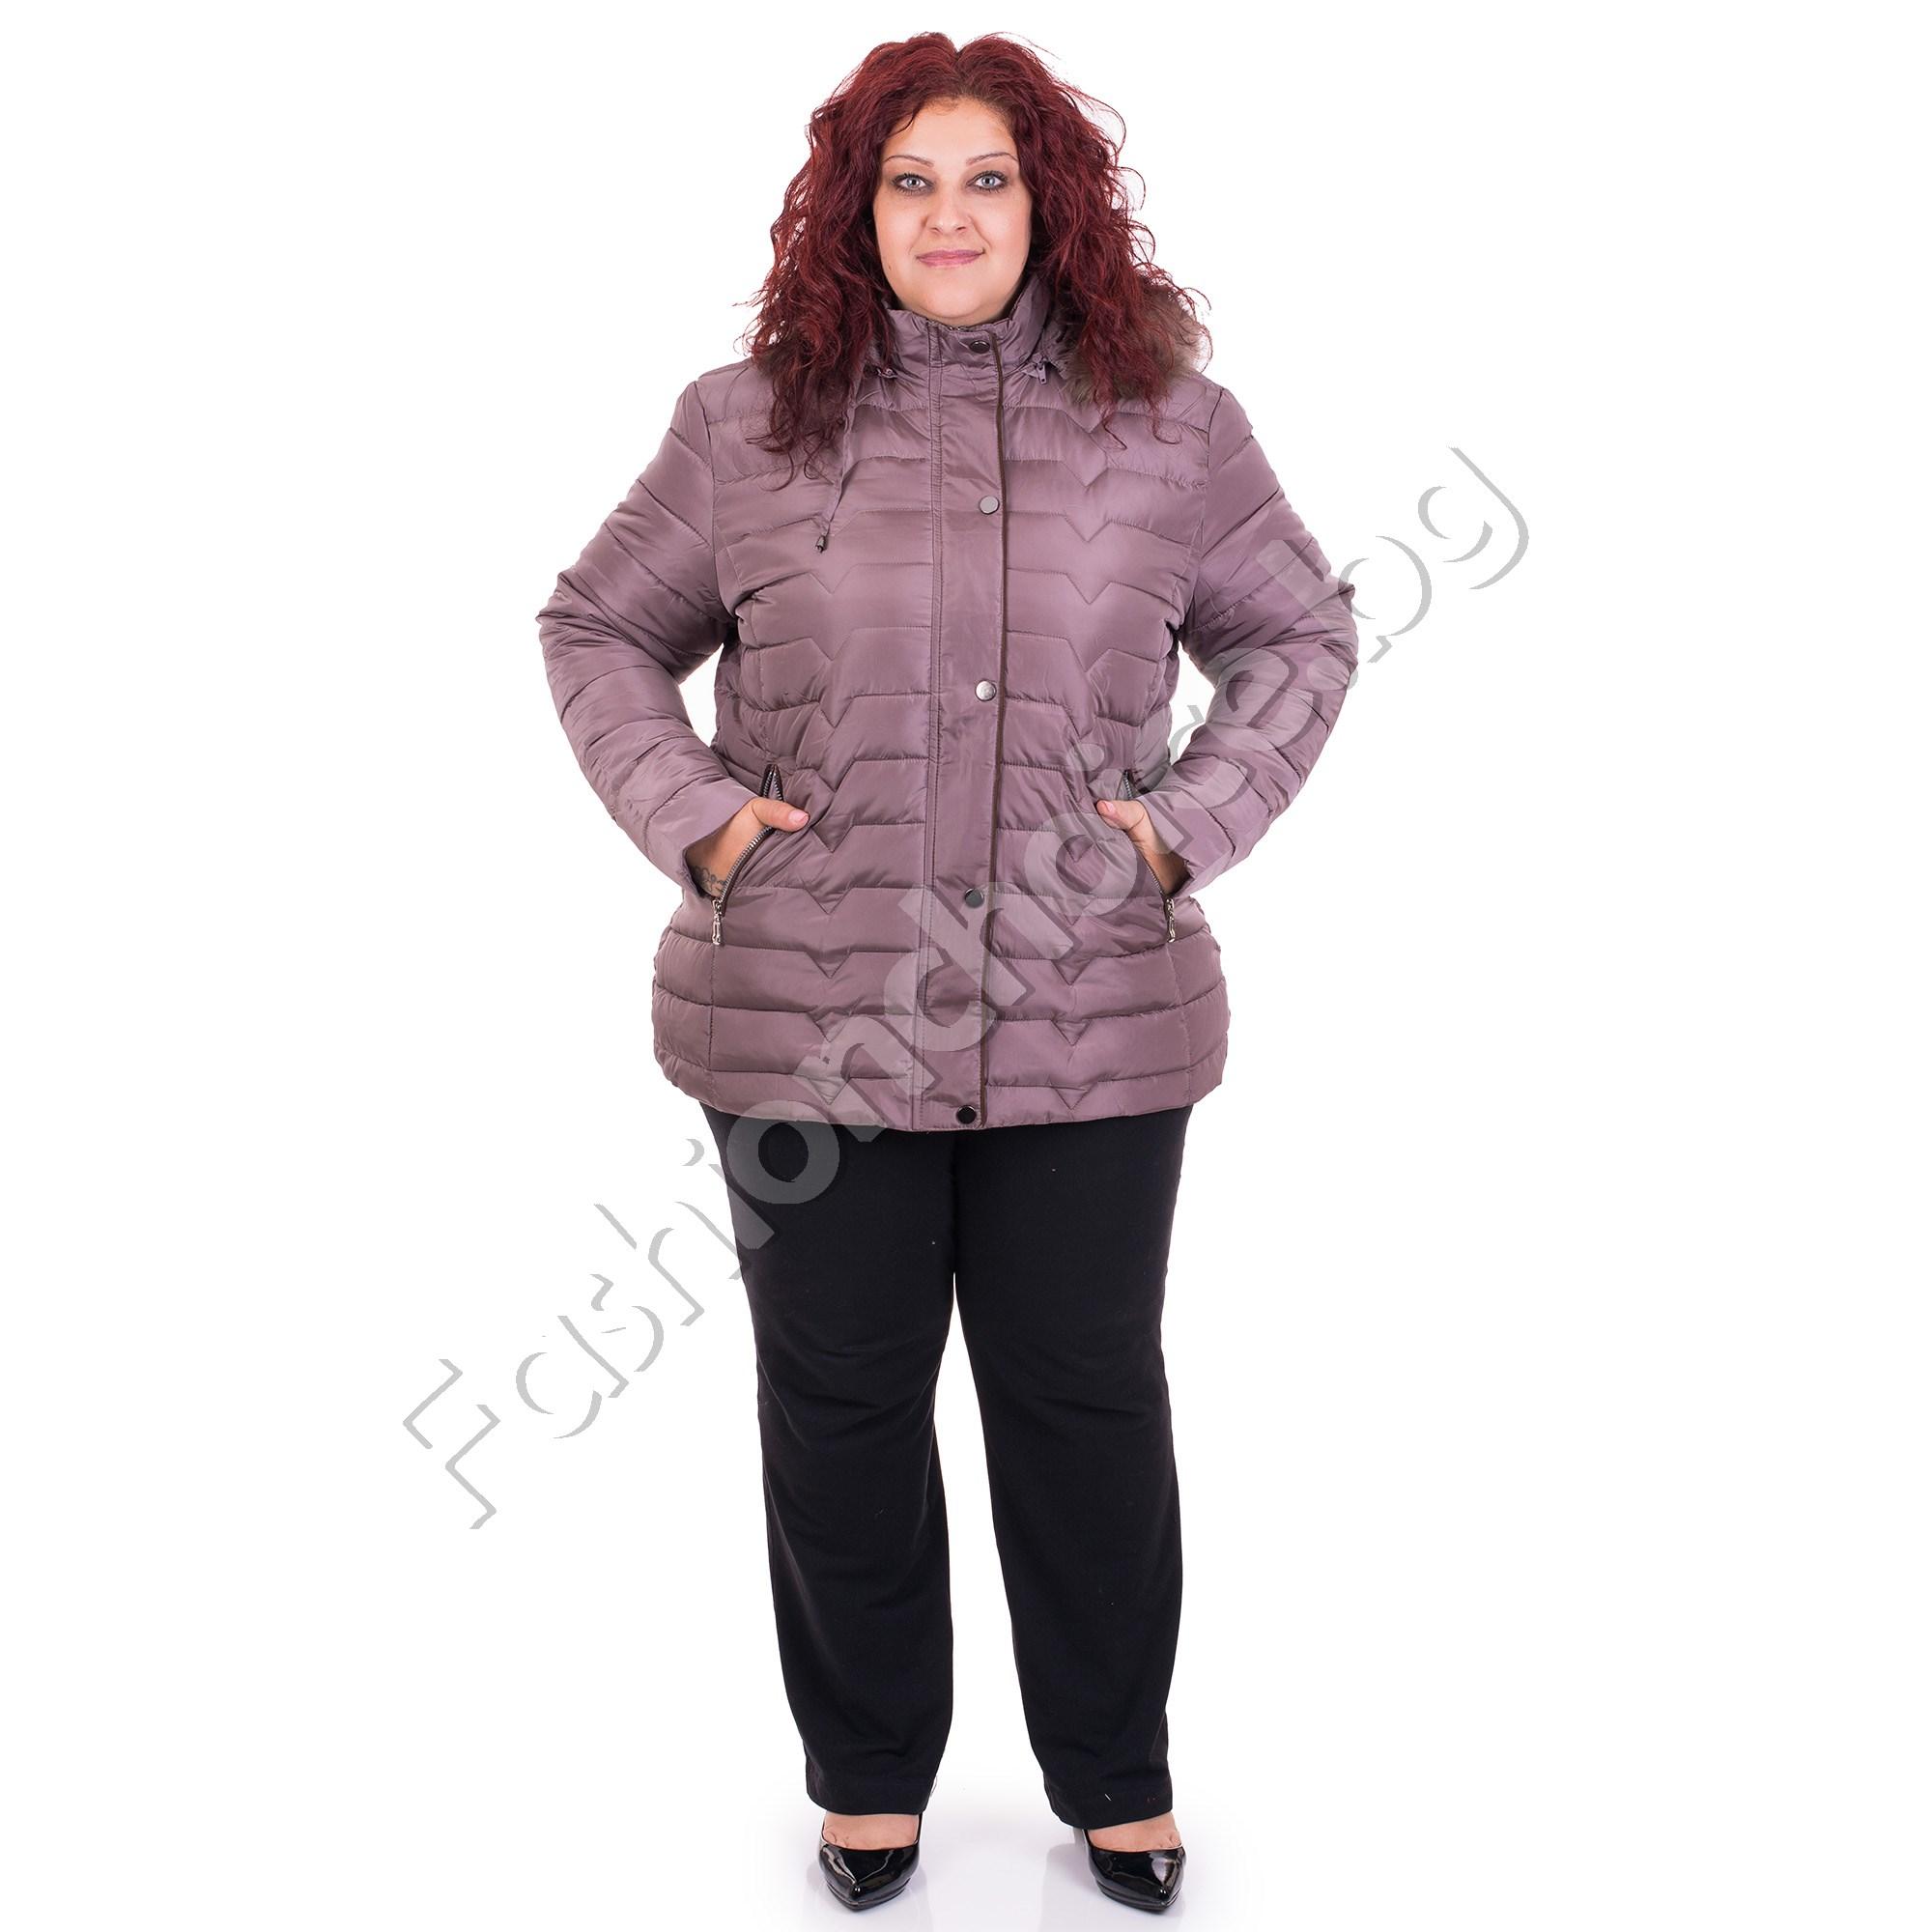 866566323b1 Топло зимно дамско яке с качулка в големи размери